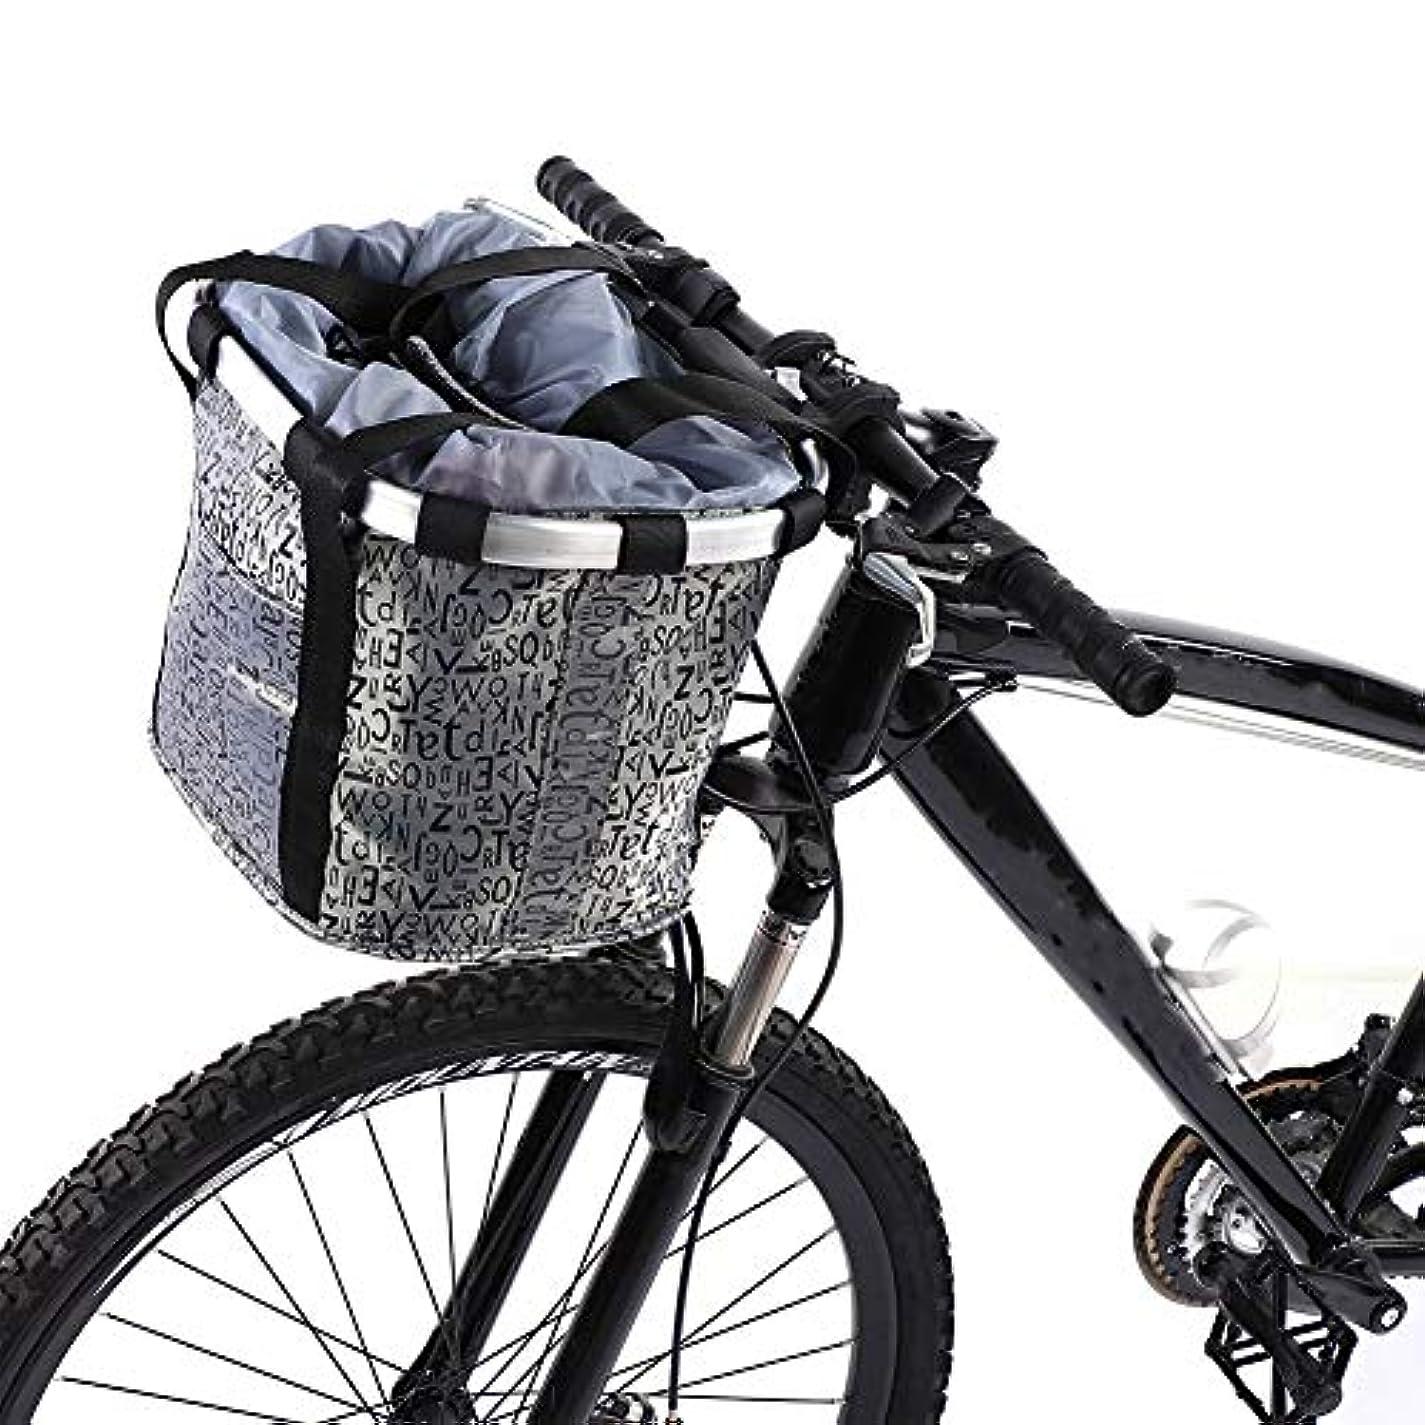 不明瞭不名誉な楽な自転車バスケット自転車カゴ 自転車バッグ 前 取り外し可能 防水 大容量 巾着式 耐荷重5㎏ 再利用可能 サイクリング バッグ 小径車に最適 黒 グレー ブラウン